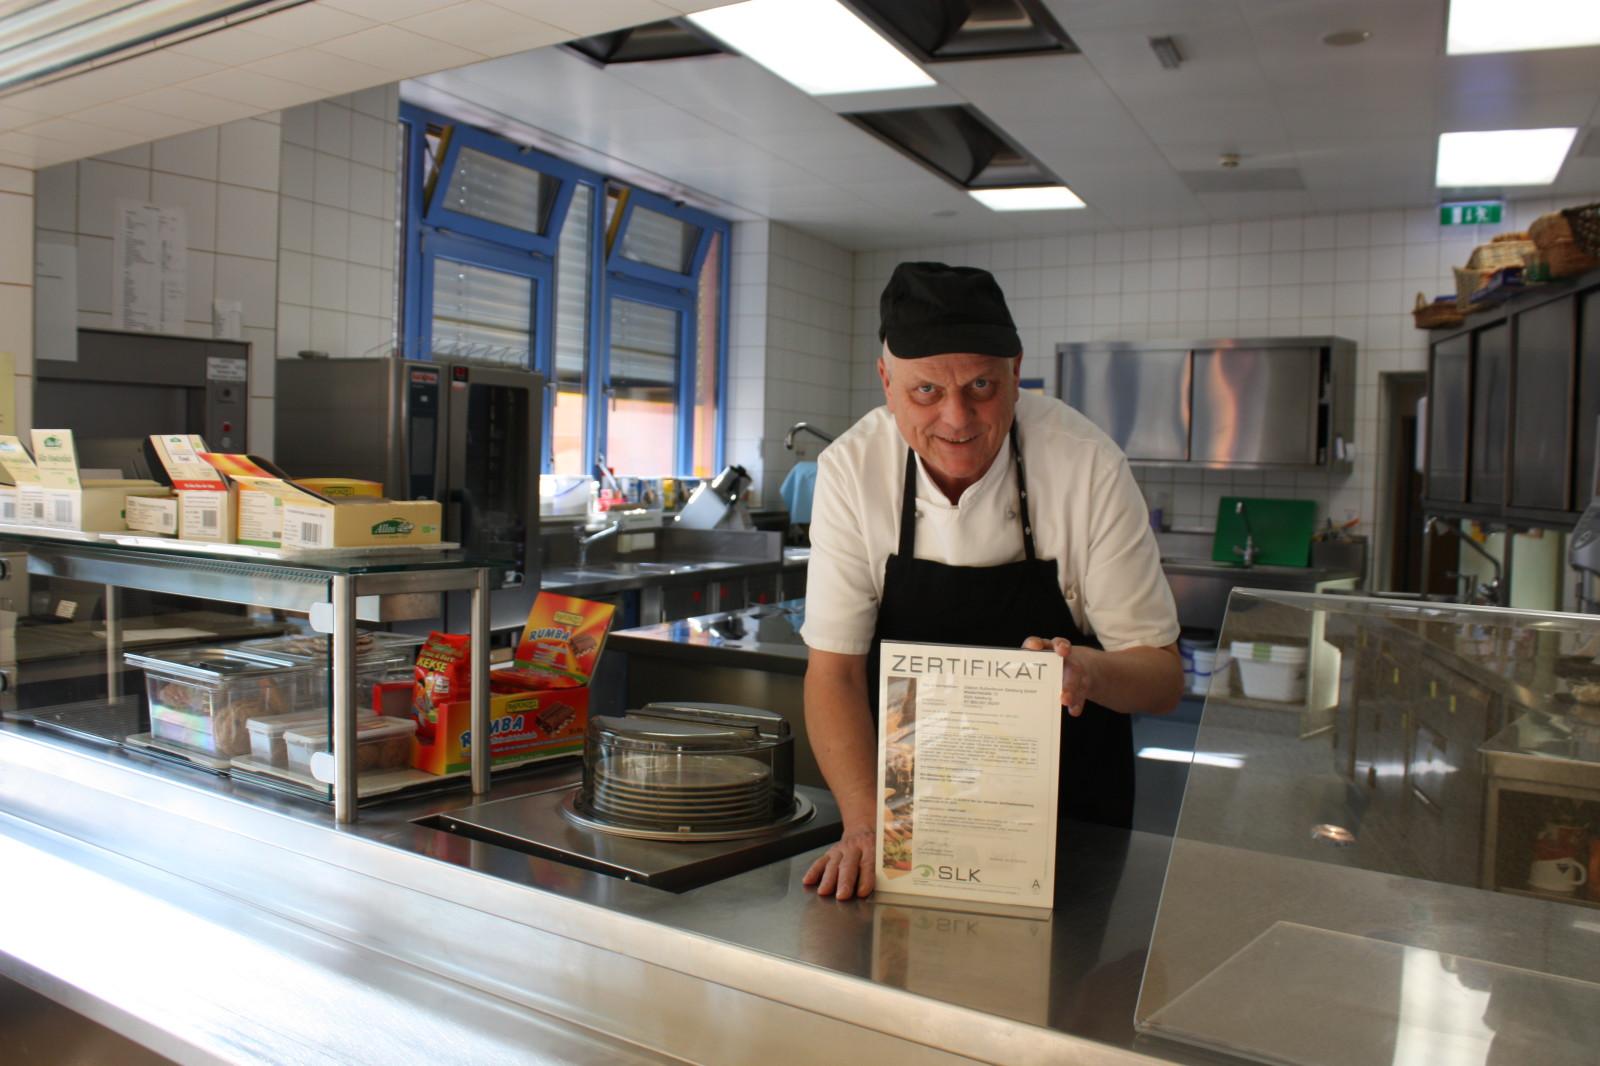 .... ist besonders stolz auf das Bio-Zertifikat der heimischen Gastronomie